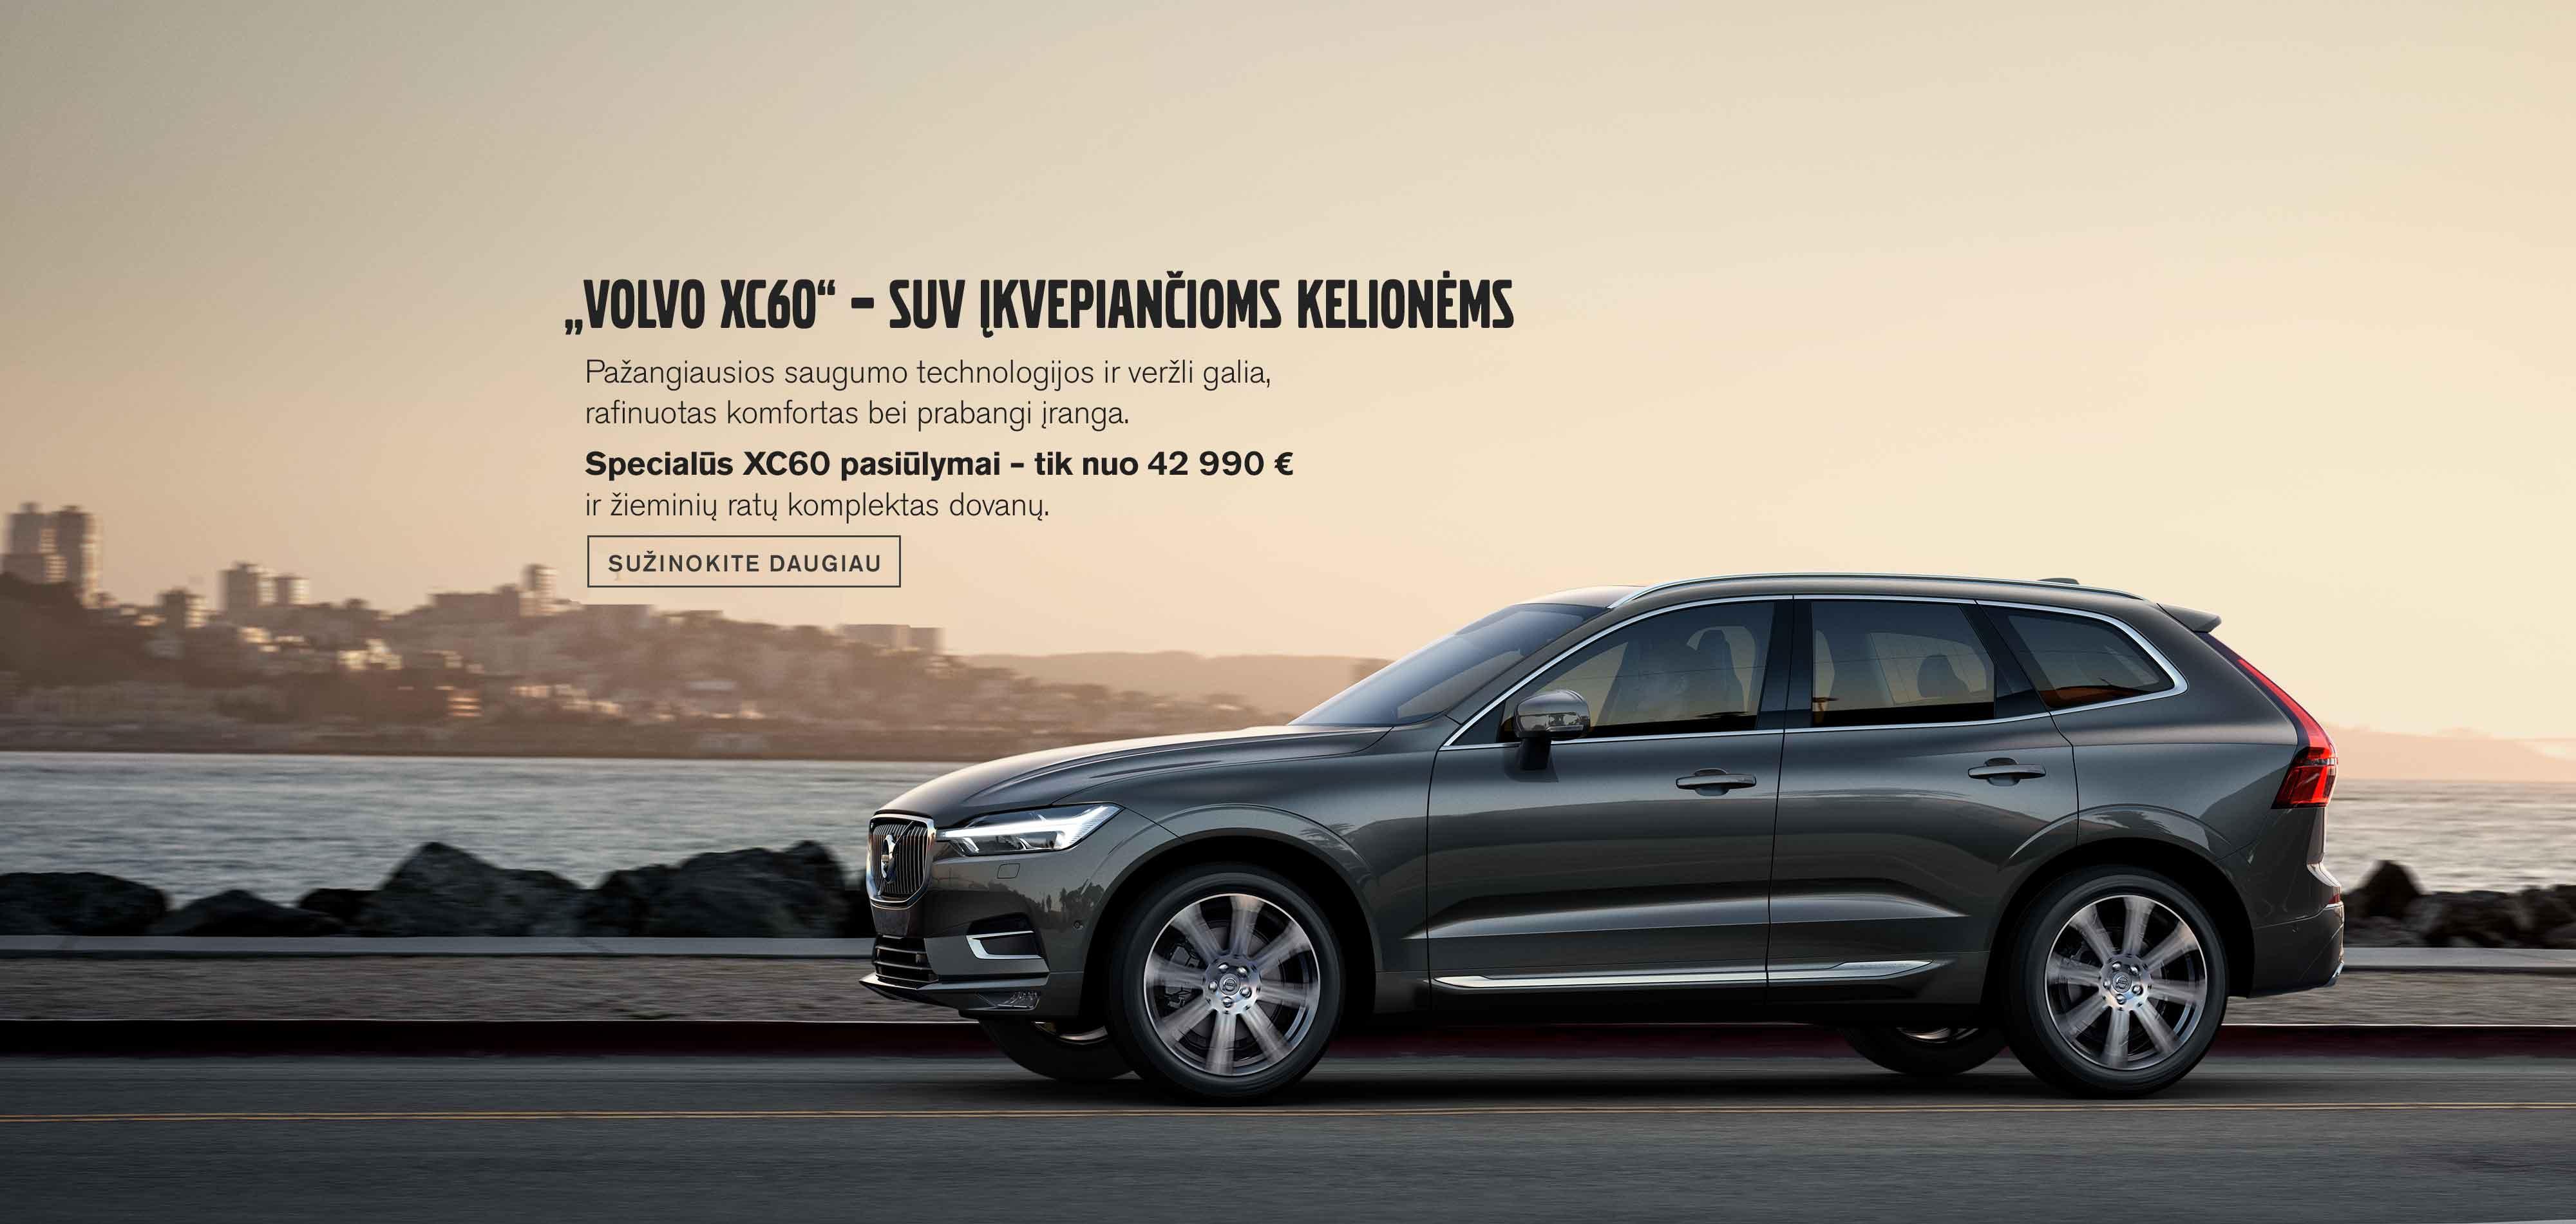 """""""Volvo XC60"""" – SUV įkvepiančioms kelionėms"""